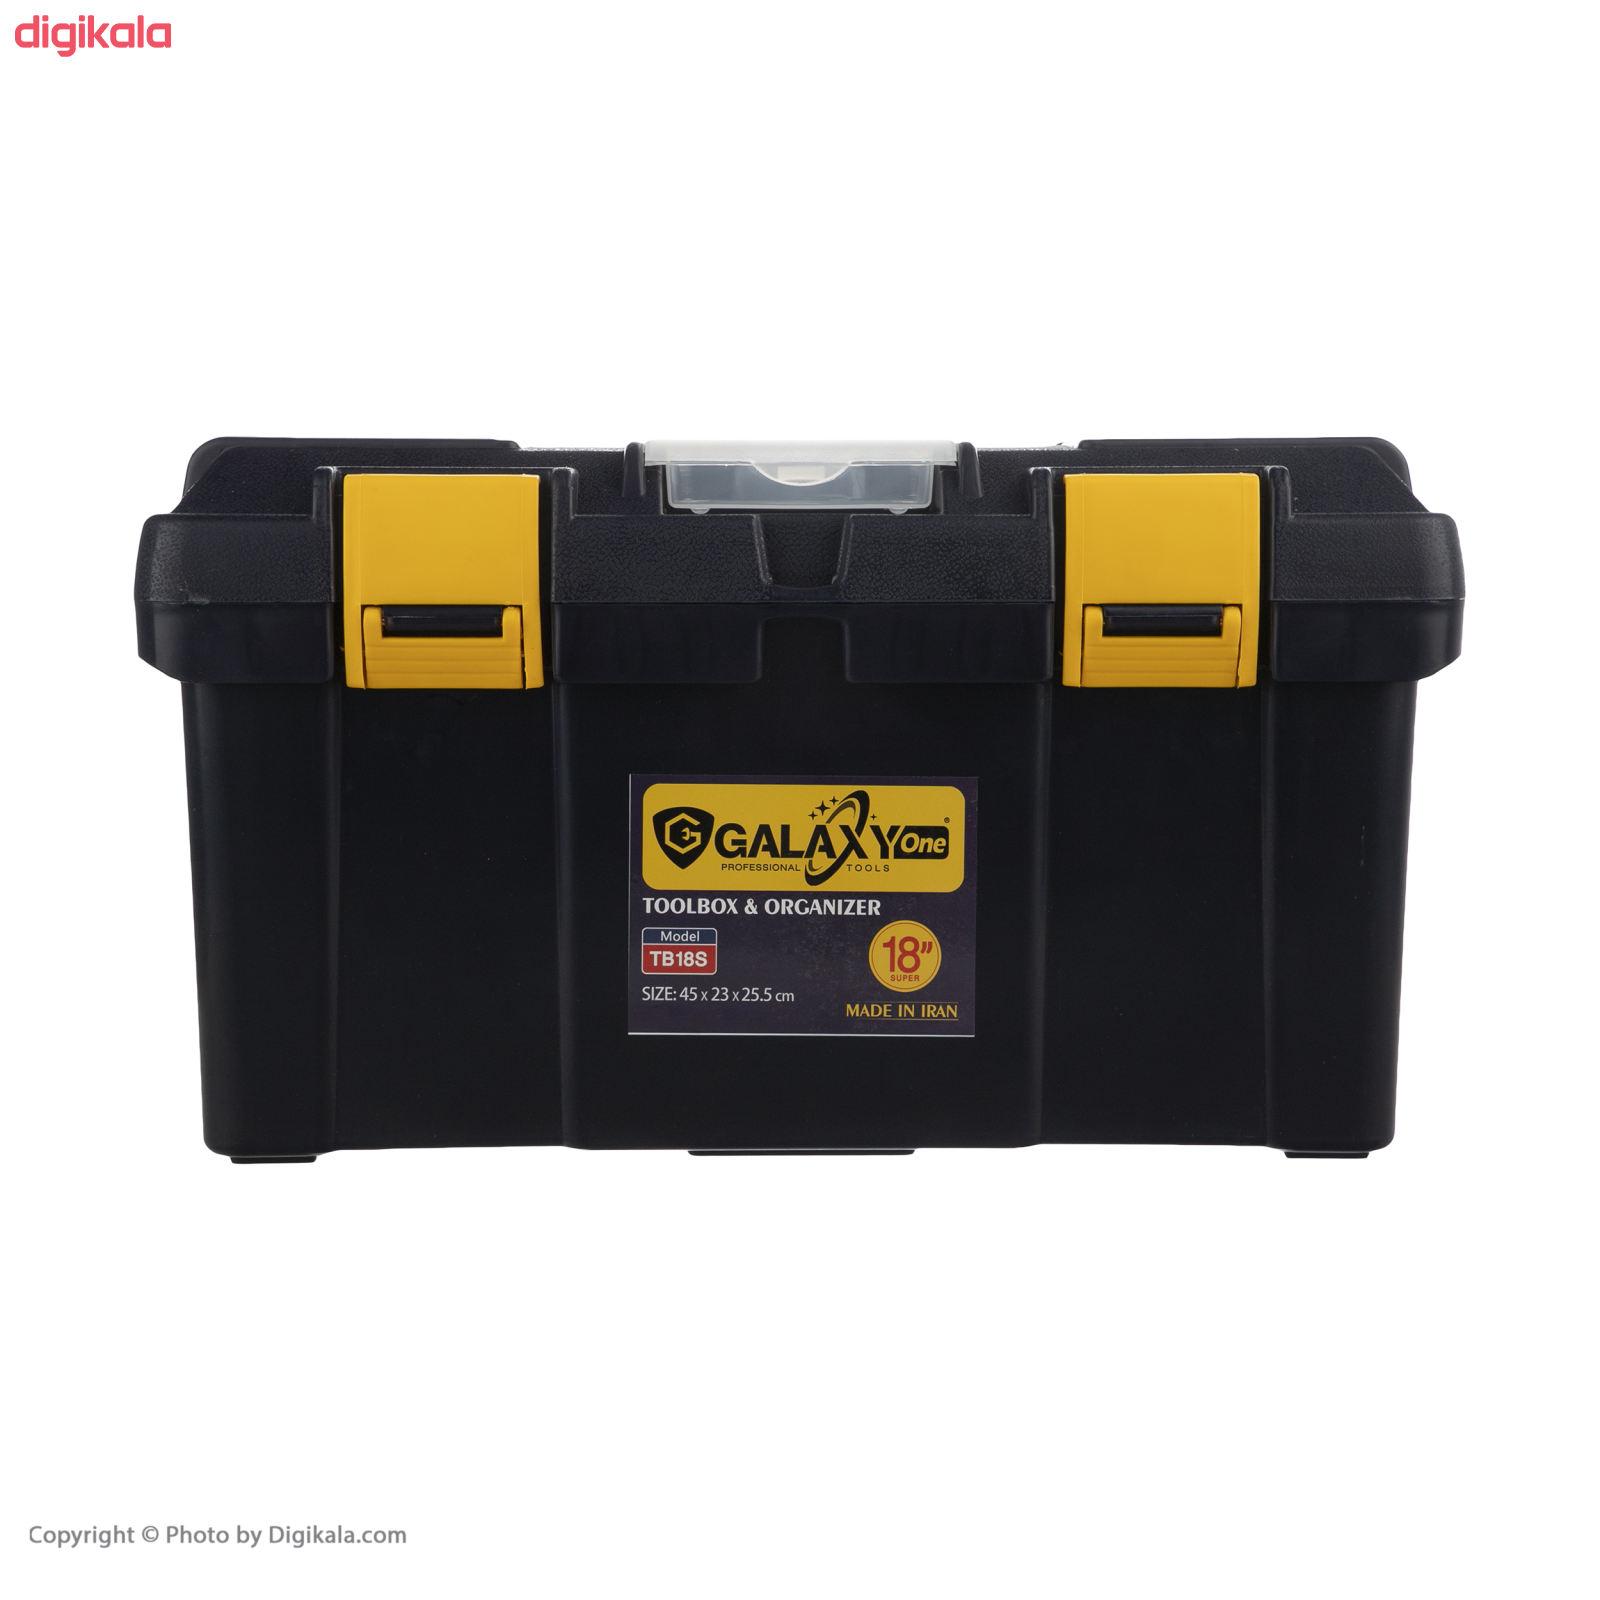 جعبه ابزار گلکسی وان مدل TB18S  main 1 6